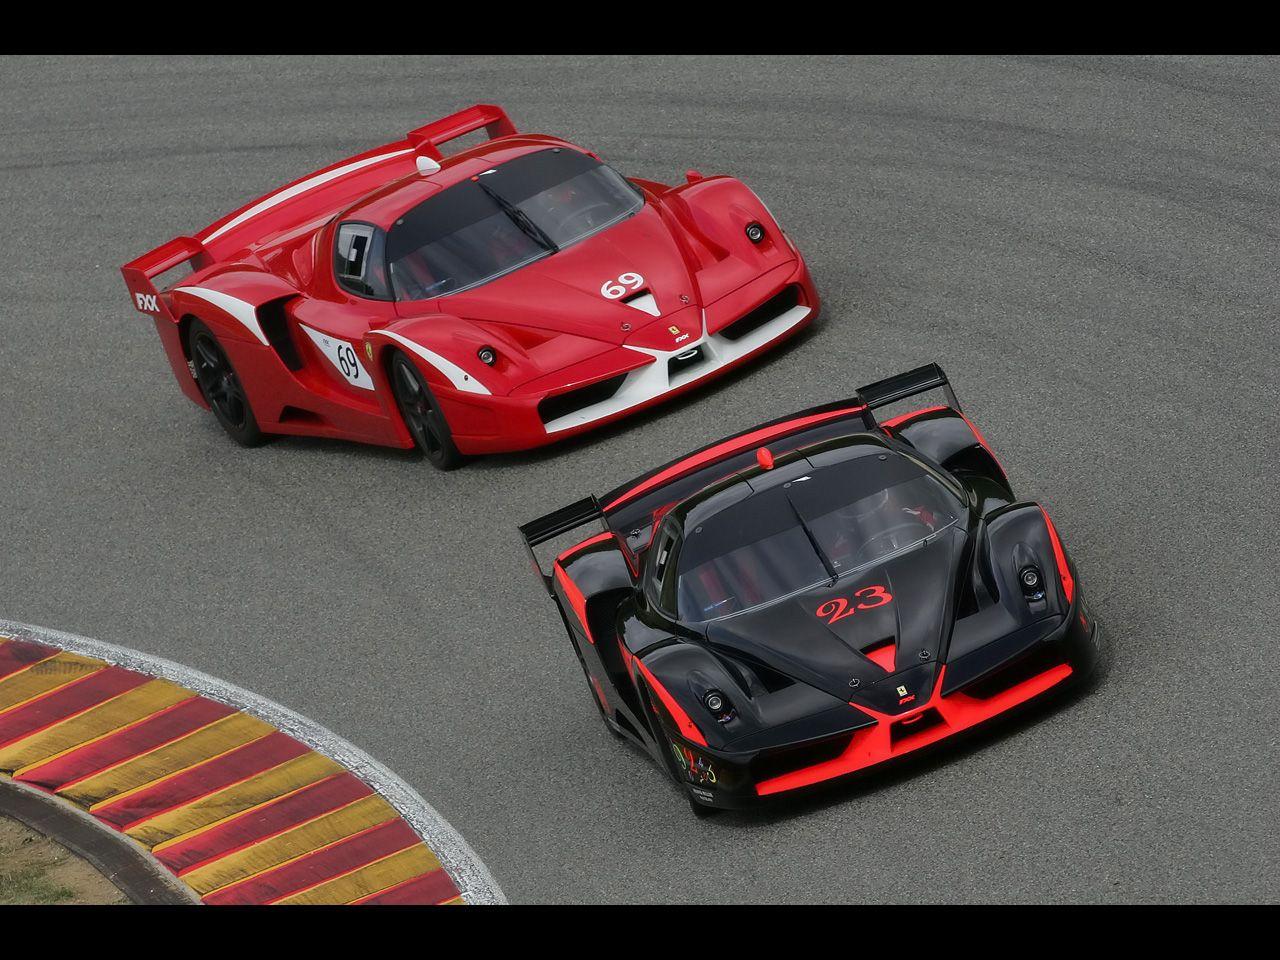 2008 Ferrari Fxx Racing Mugello 2 1280x960 Wallpaper Ferrari Fxx Ferrari Ferrari 288 Gto